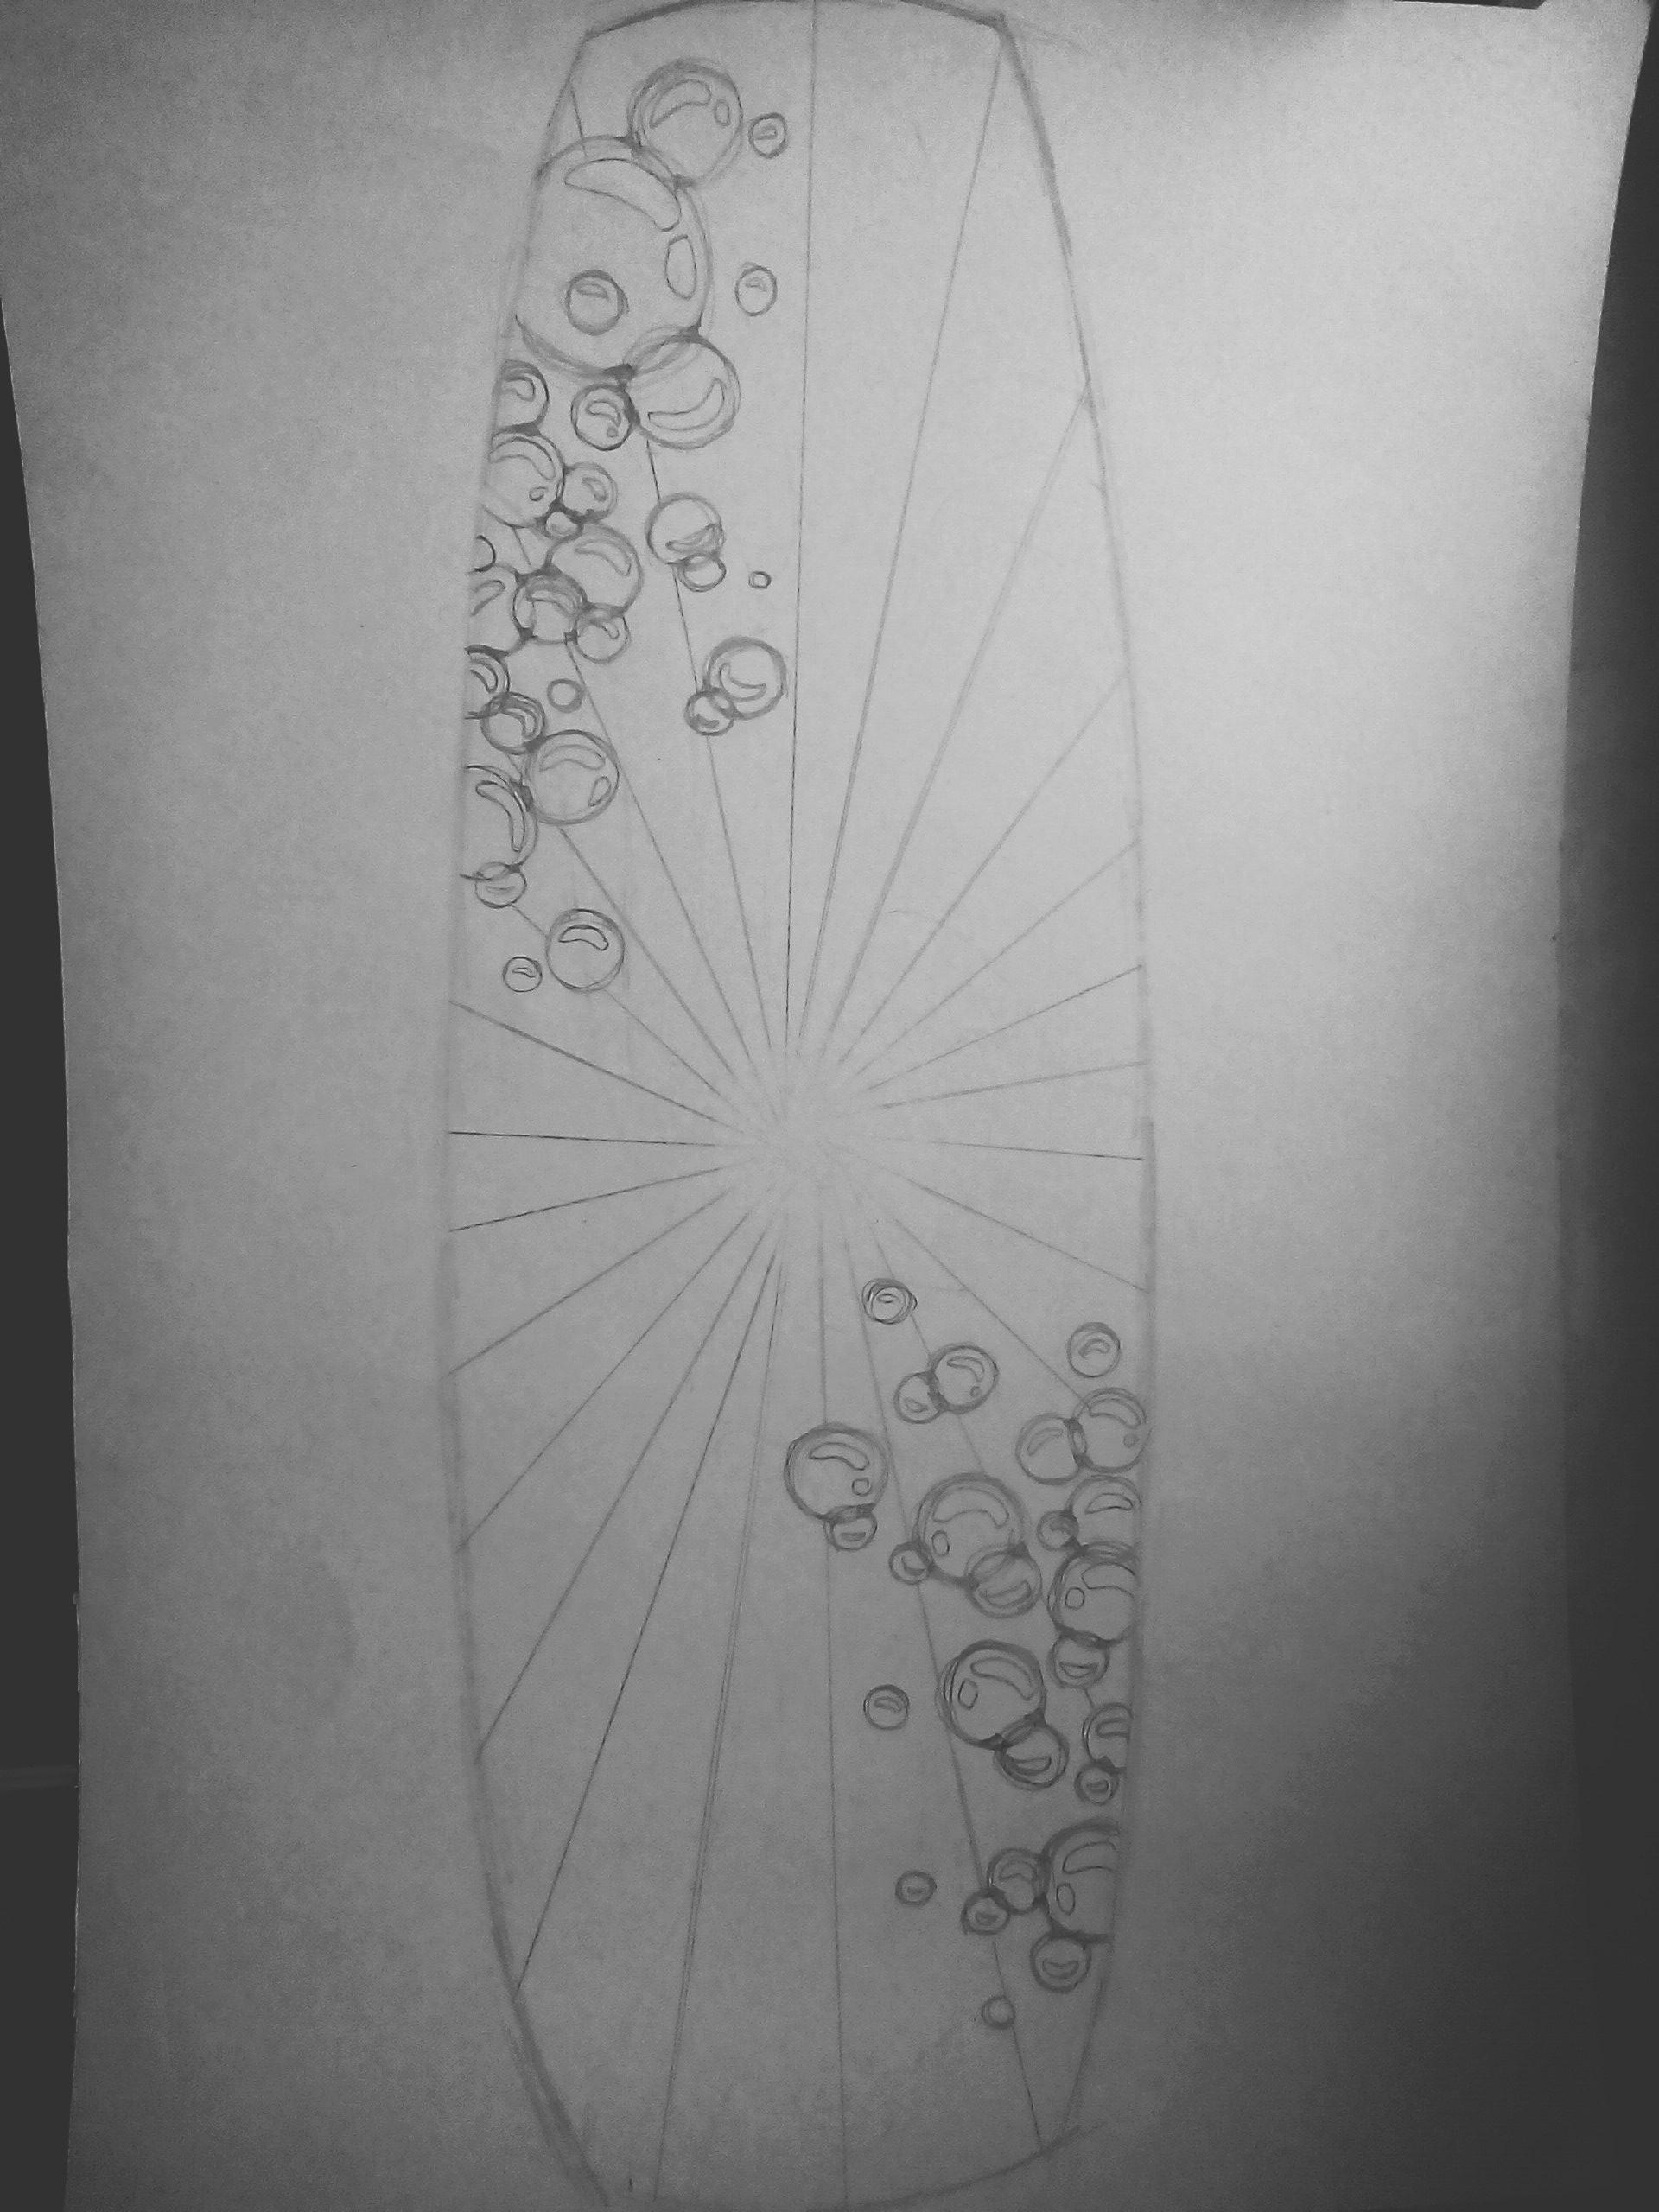 Дизайн принта досок для водных видов спорта (вейк, кайт ) фото f_4515890f9d15b1cd.jpg